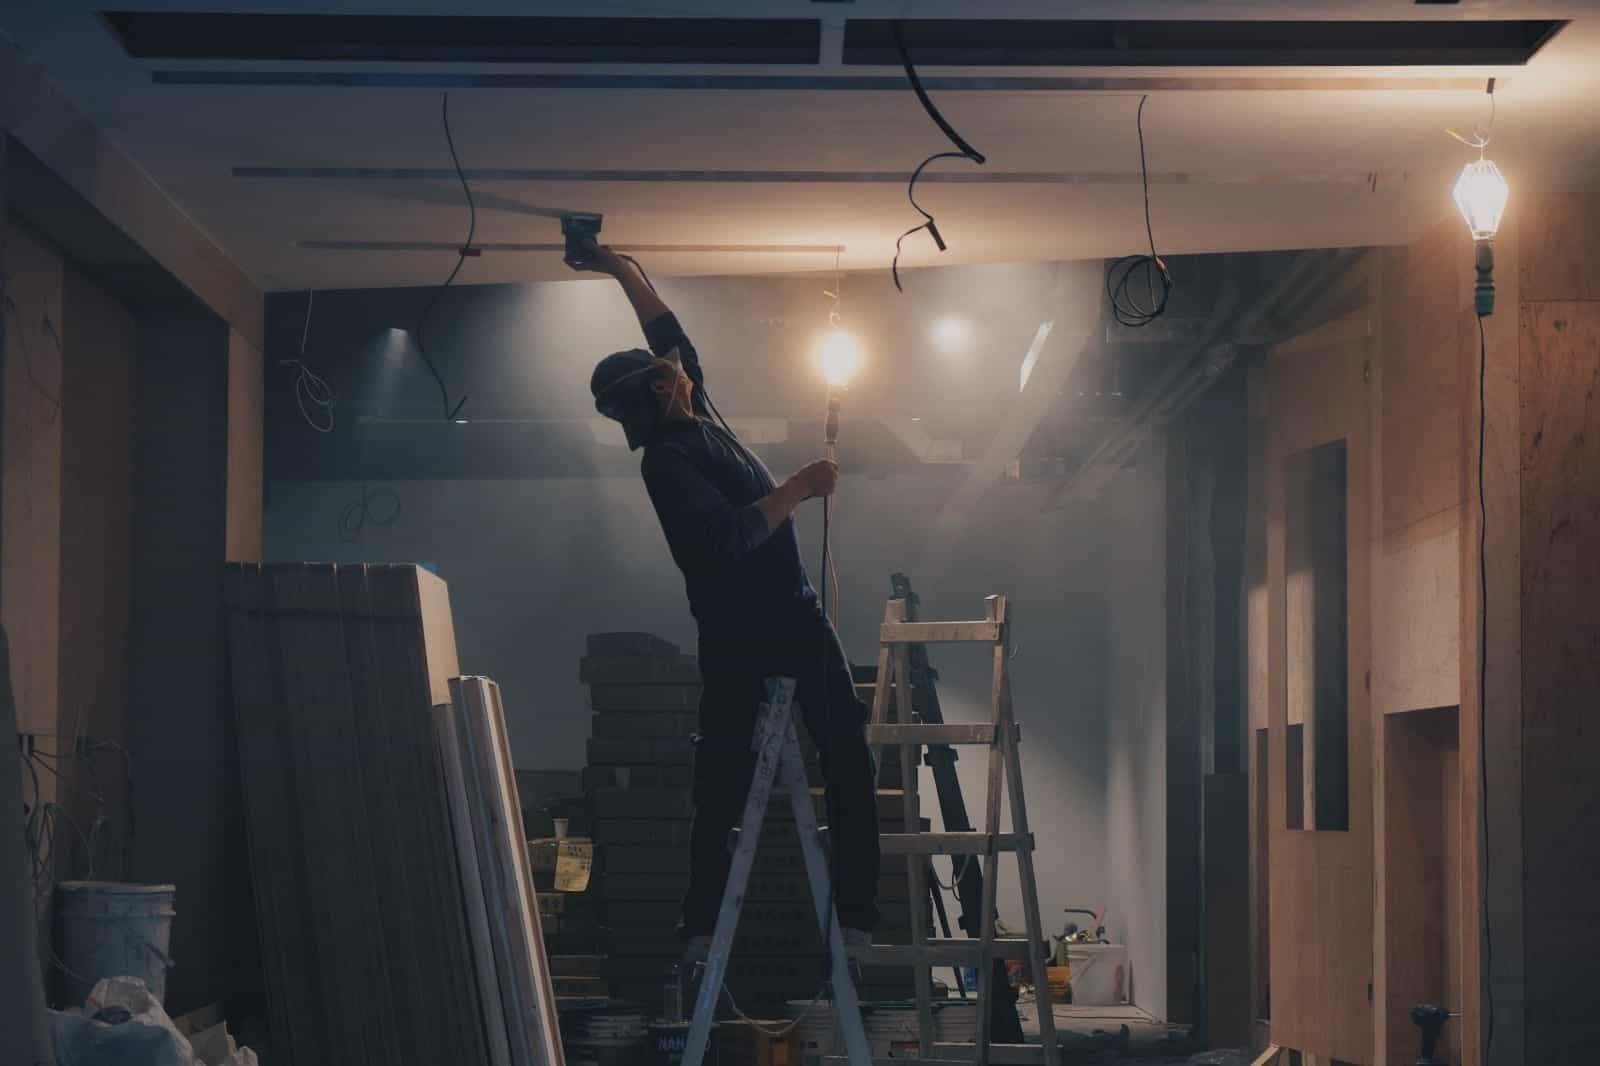 maintenance magasin - bob desk bob maintenance - artisan dépanneur relamping travaux de rénovation